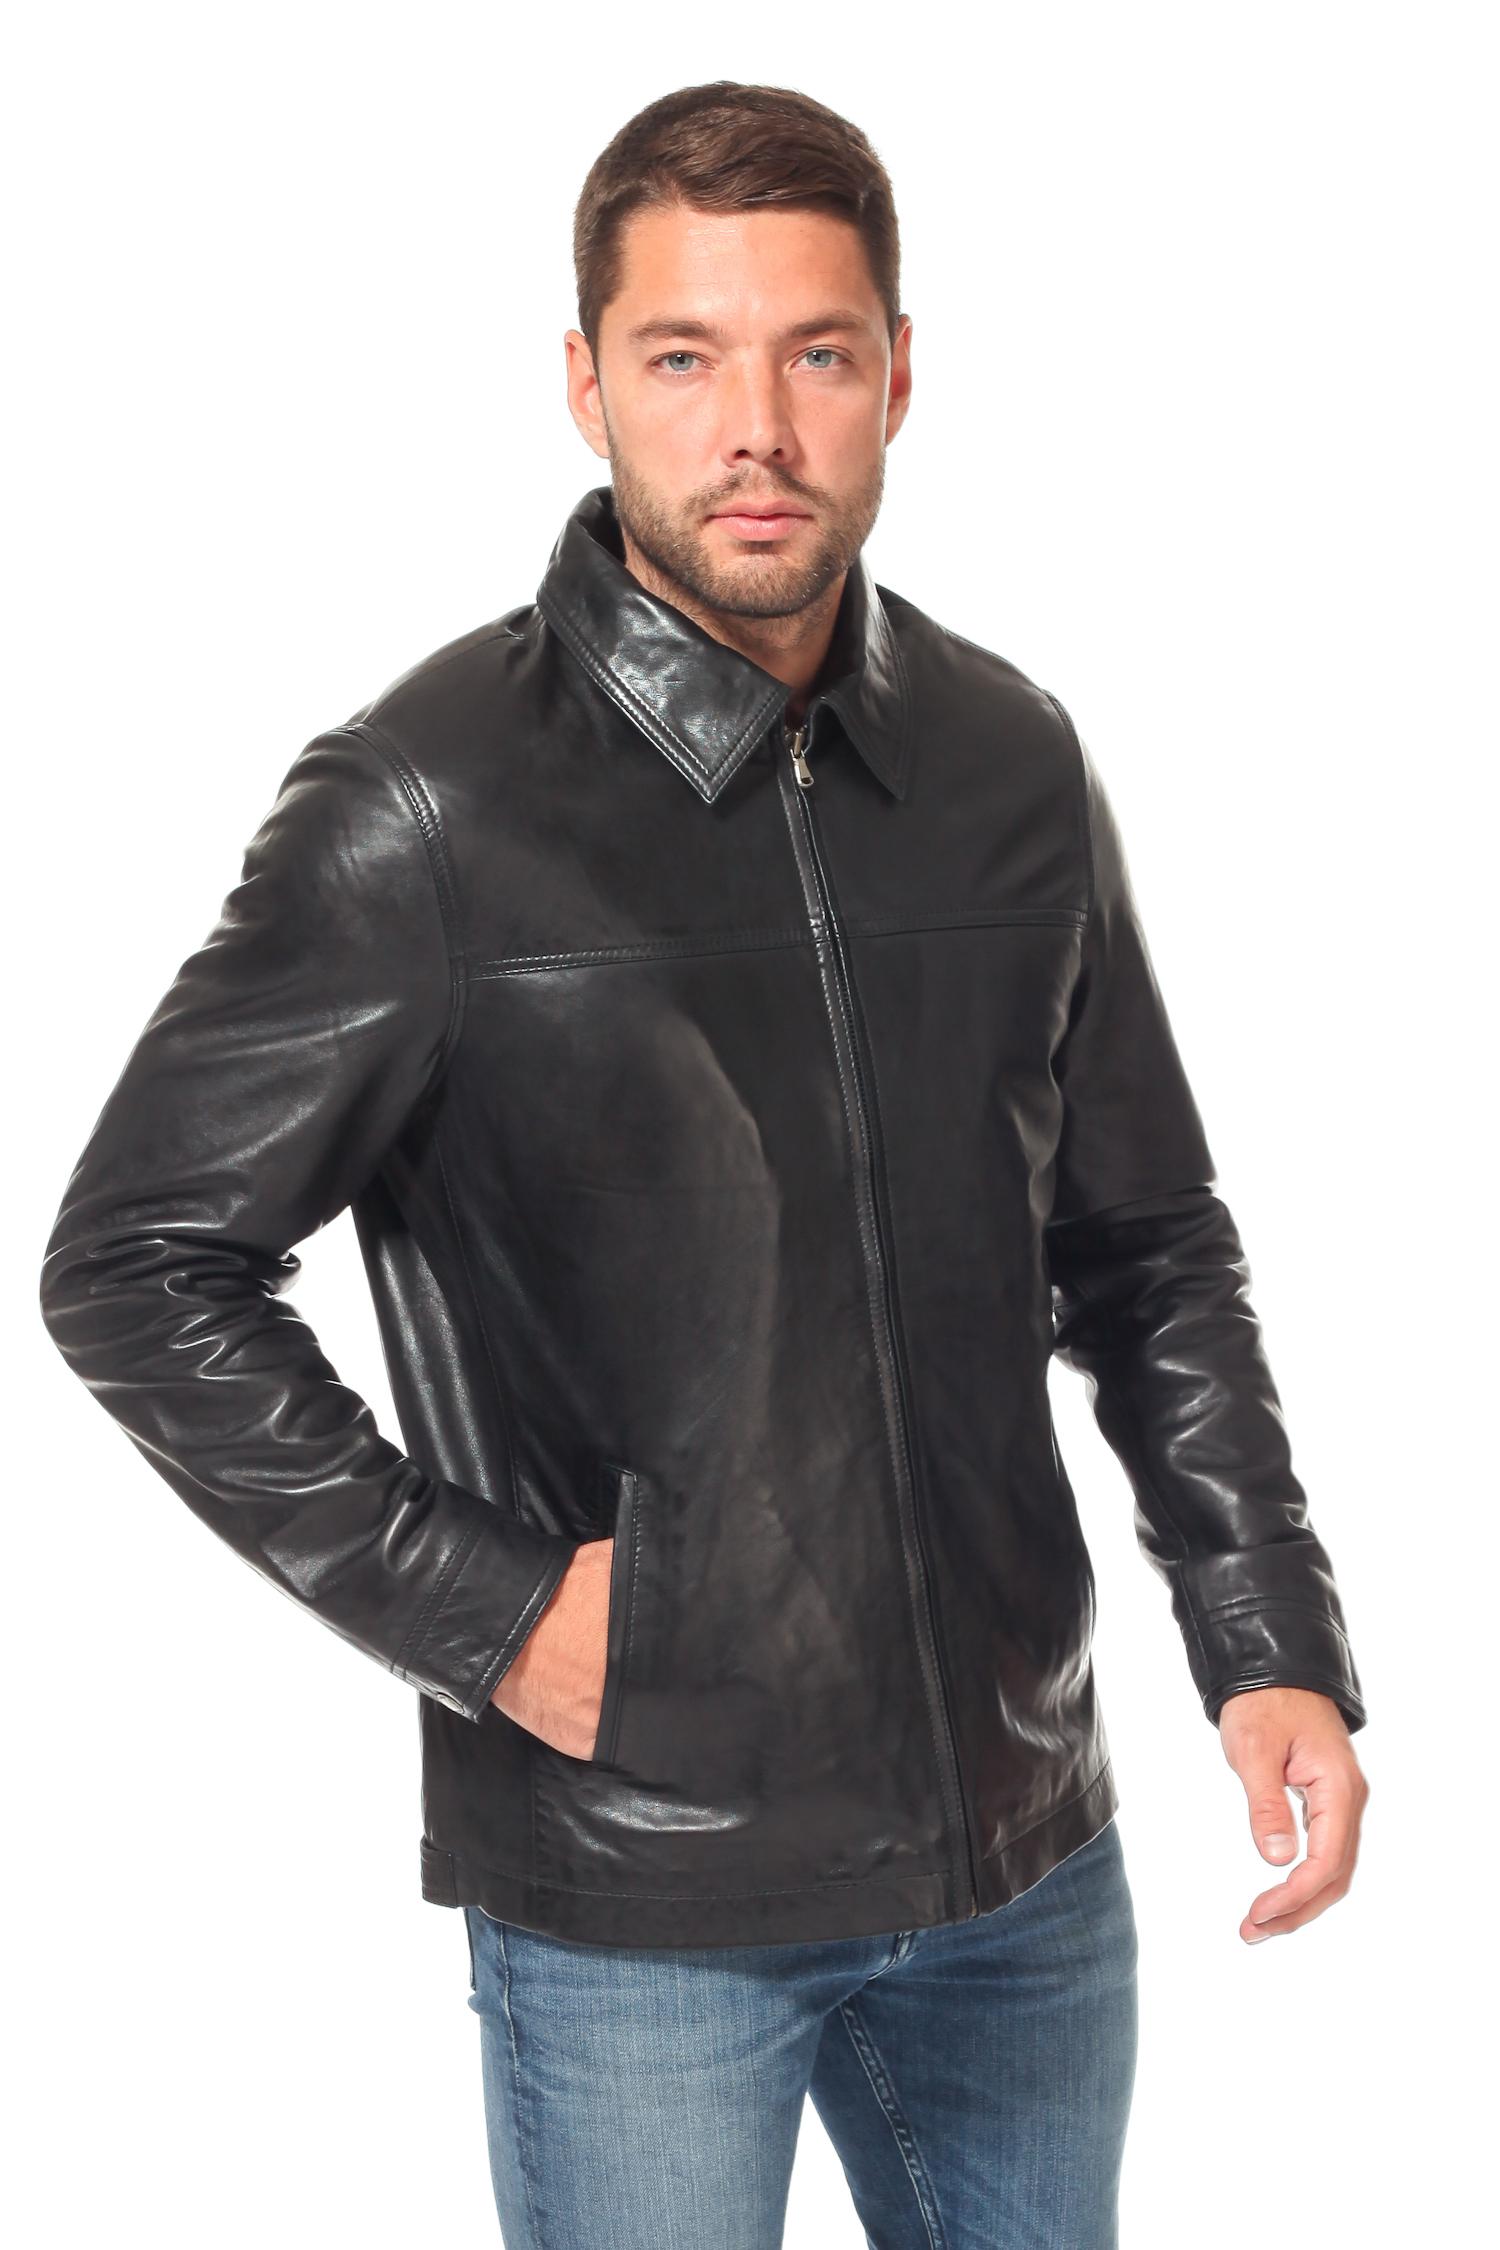 Мужская кожаная куртка из натуральной кожи<br><br>Воротник: отложной<br>Длина см: Короткая (51-74 )<br>Материал: Кожа овчина<br>Цвет: черный<br>Вид застежки: центральная<br>Застежка: на молнии<br>Пол: Мужской<br>Размер RU: 56